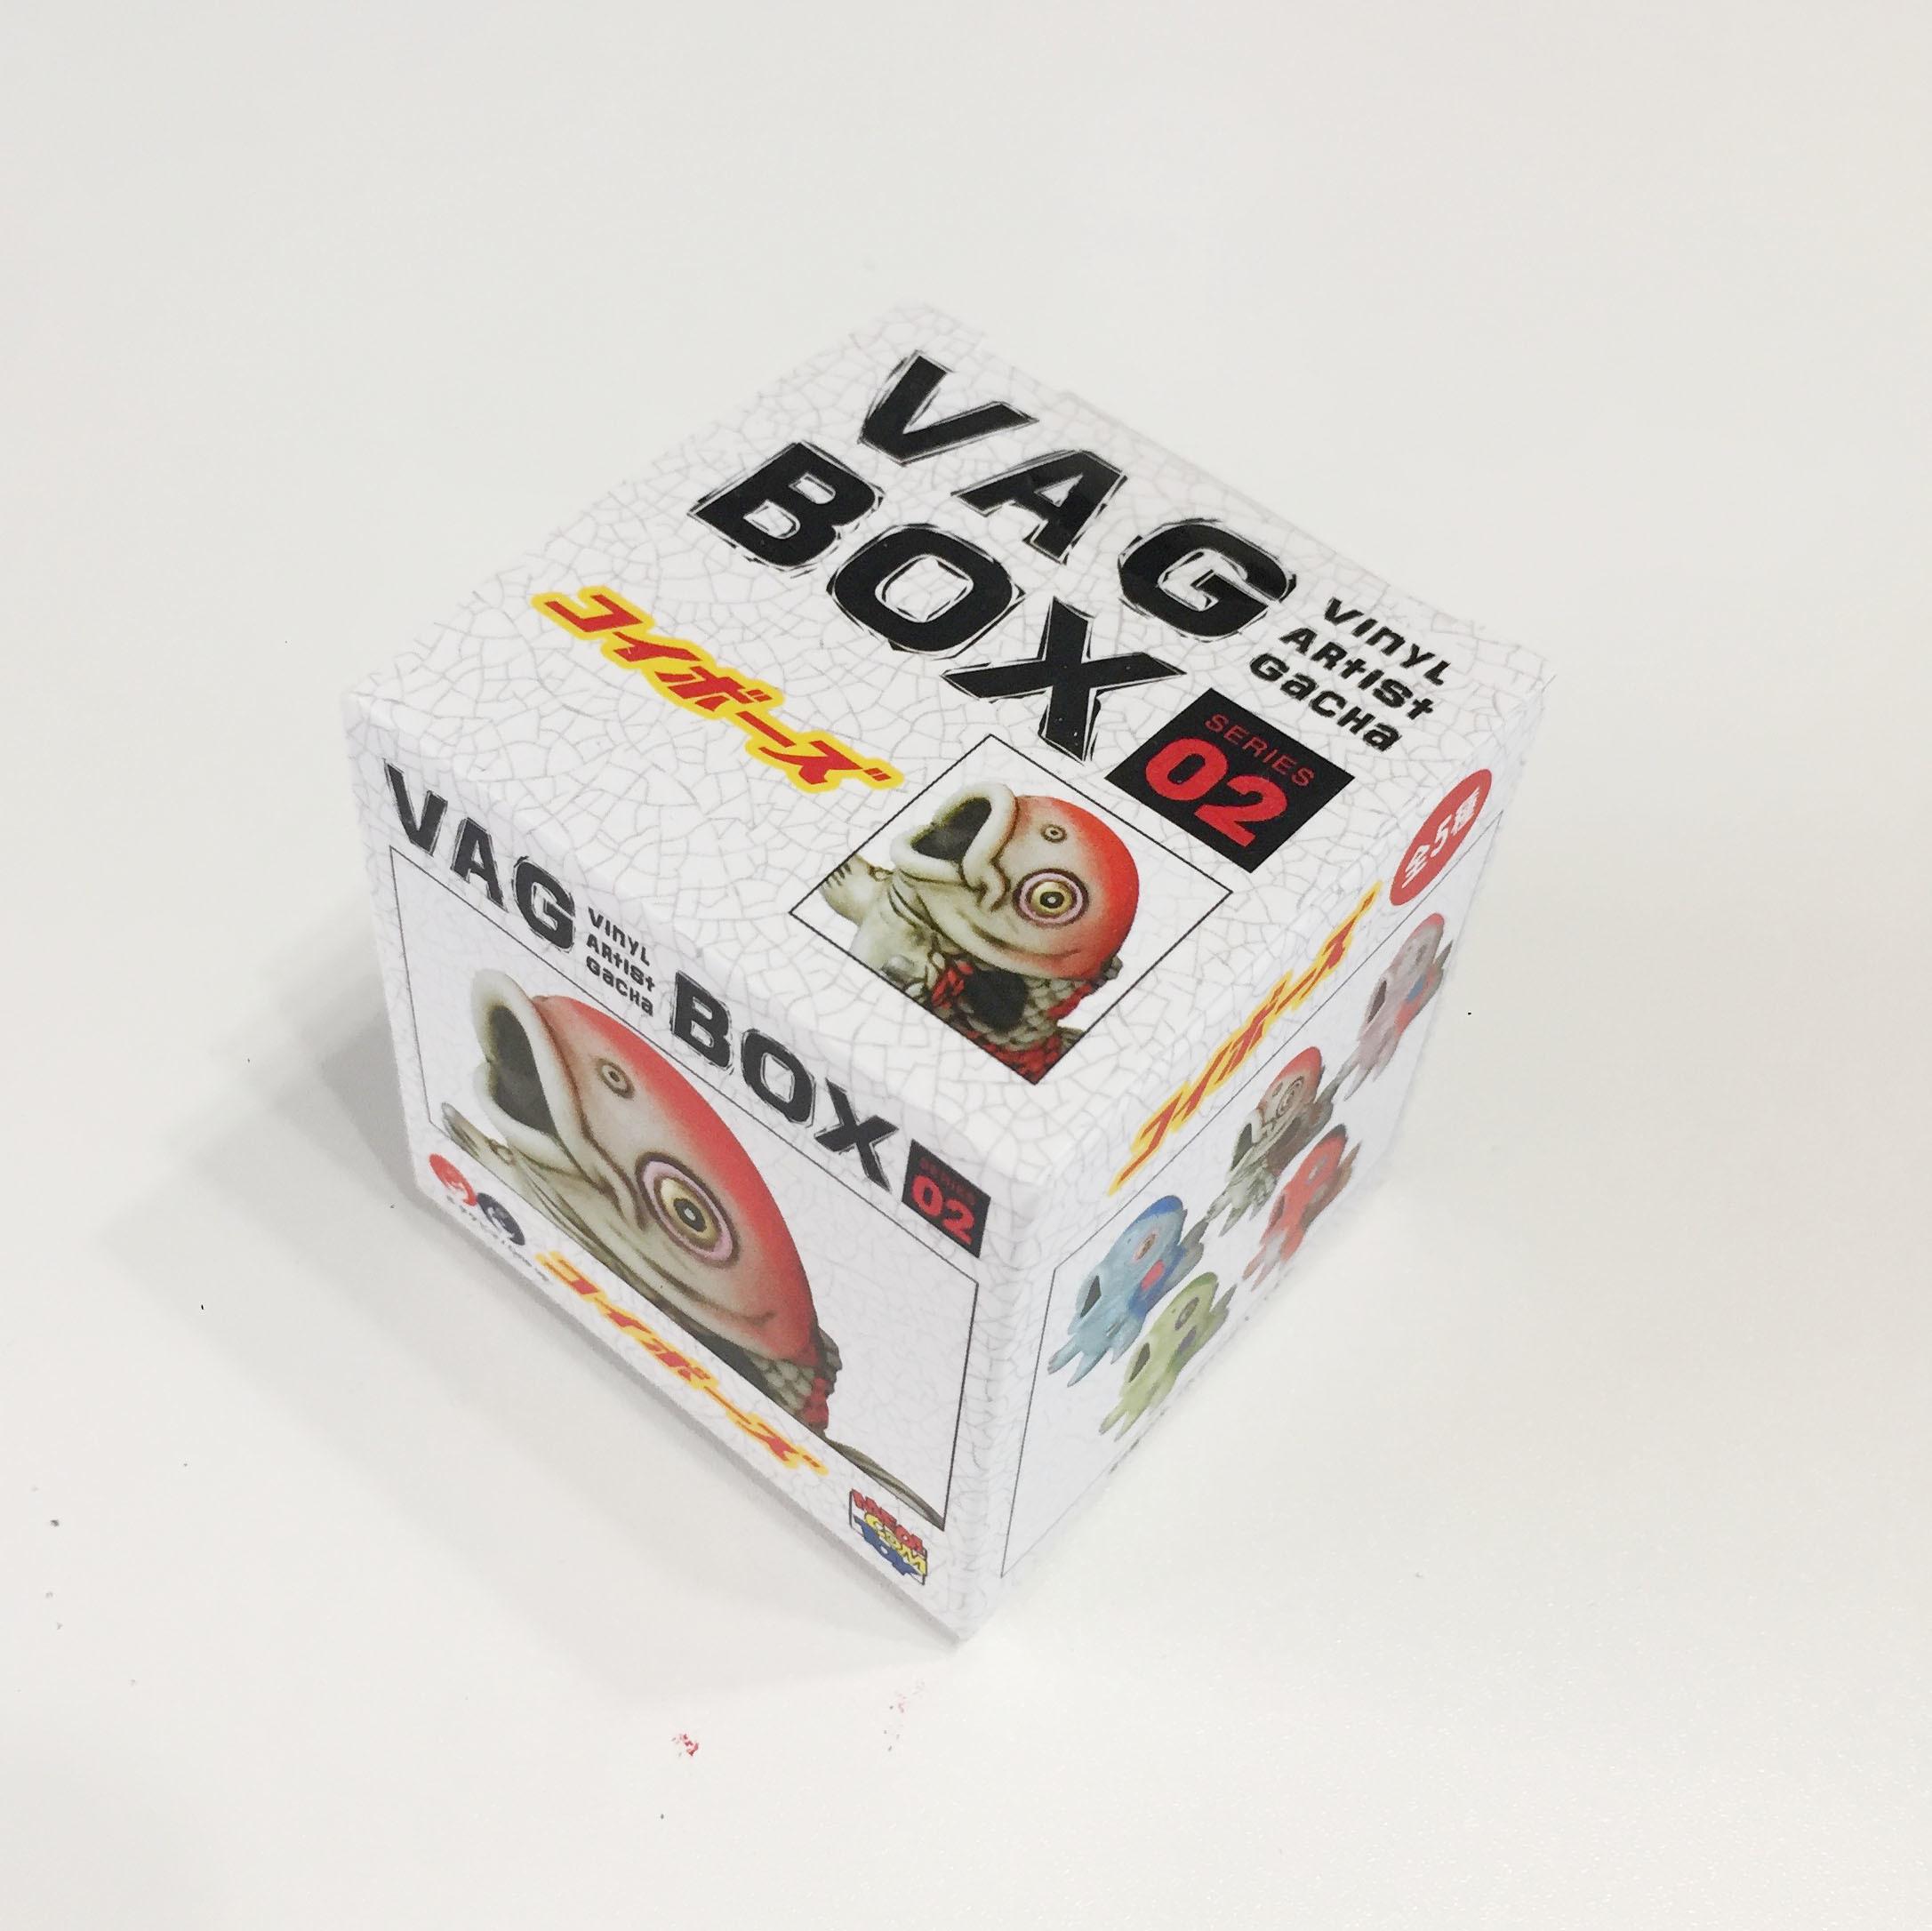 コイボーズ  <VAG BOX series02 >